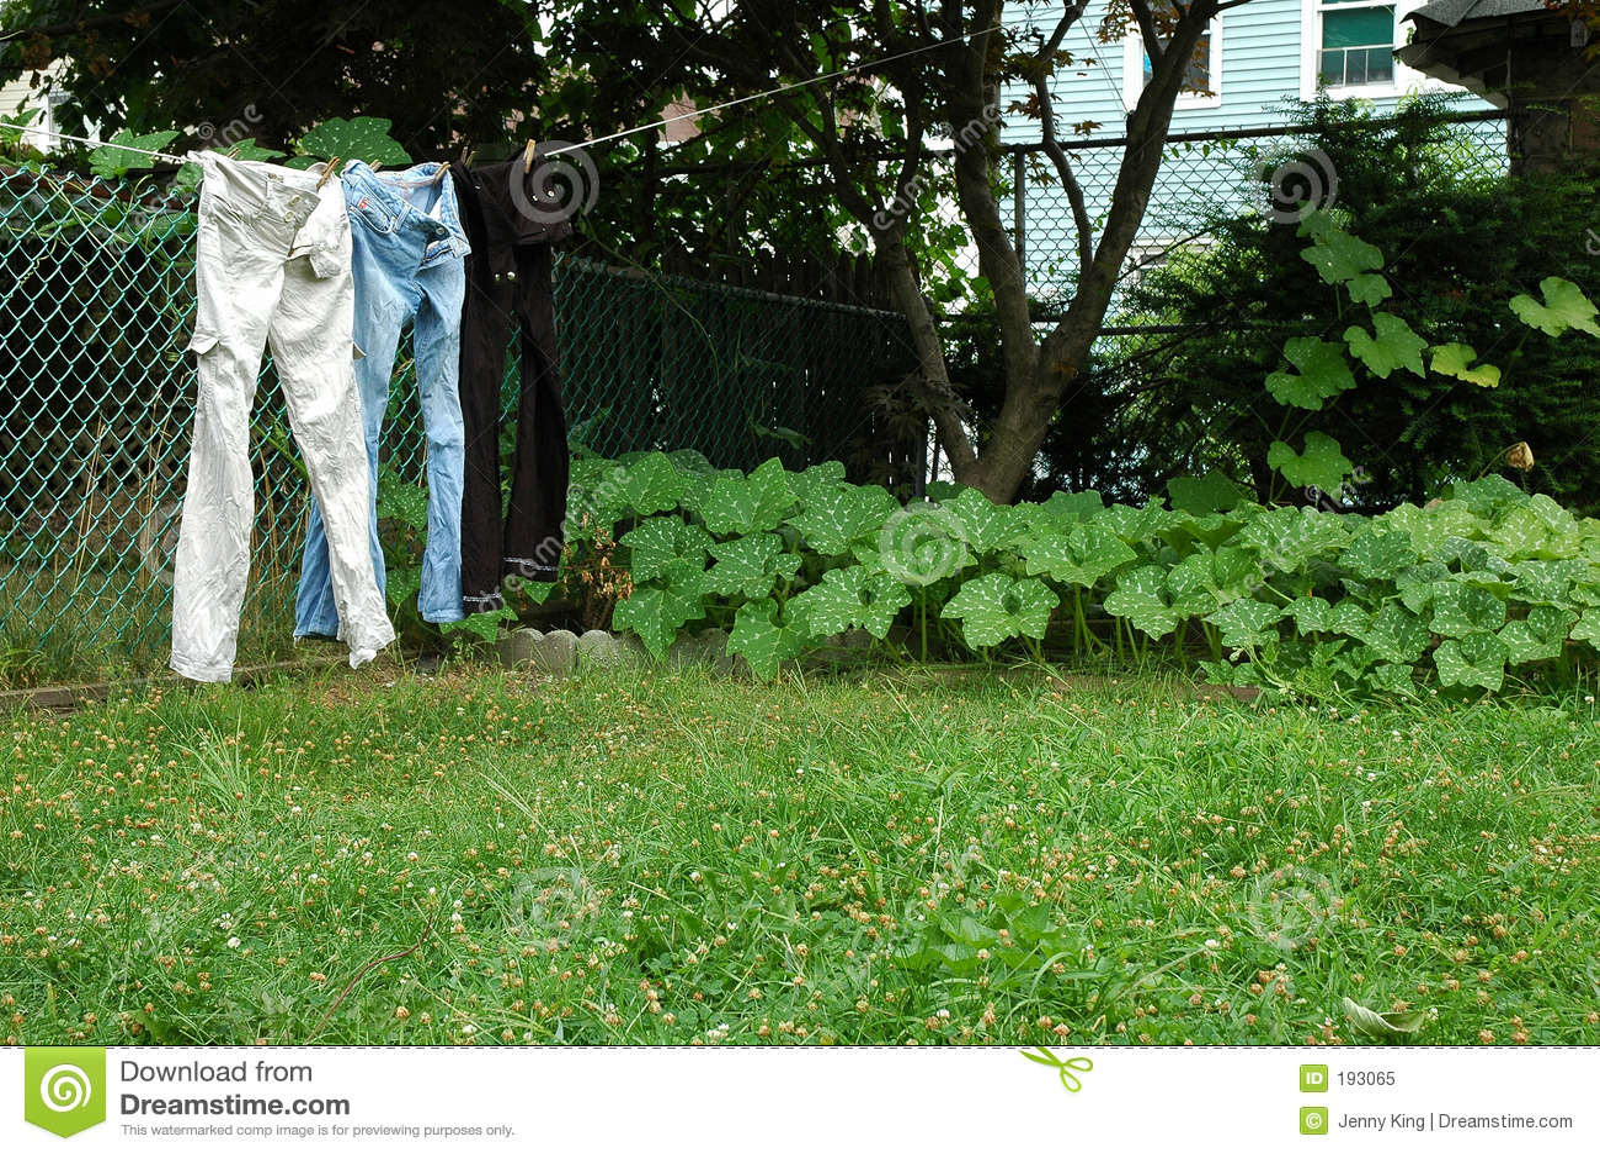 Pantalones vaqueros en línea de ropa.